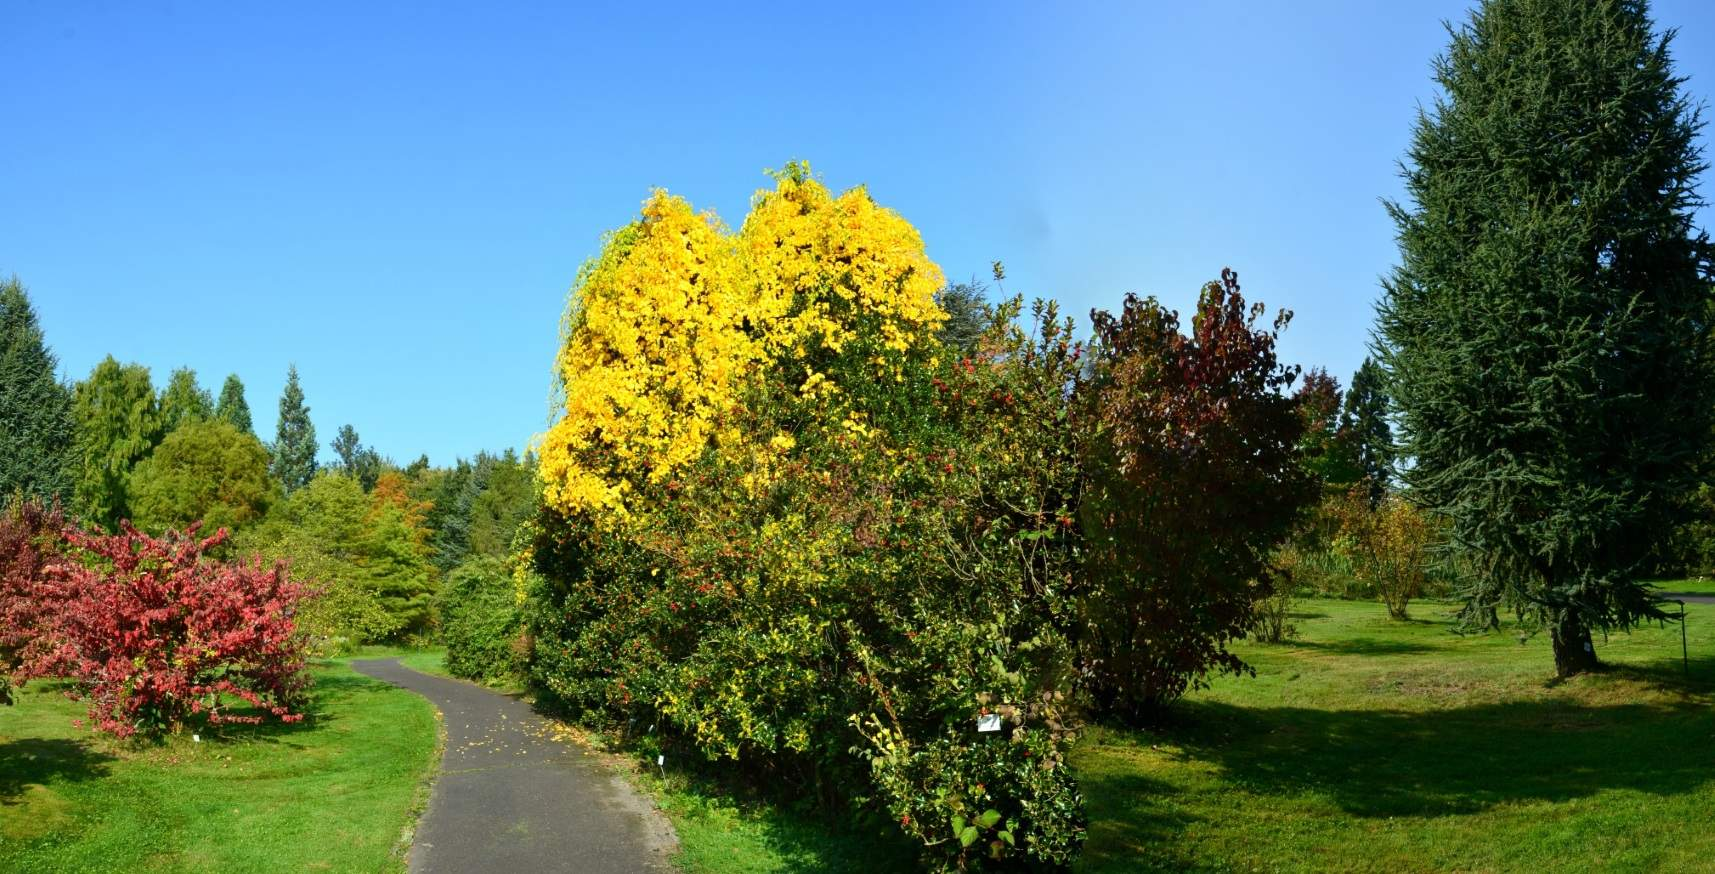 botanischergarten marburg b844df9d 5dac 4425 ac26 6a bf36f